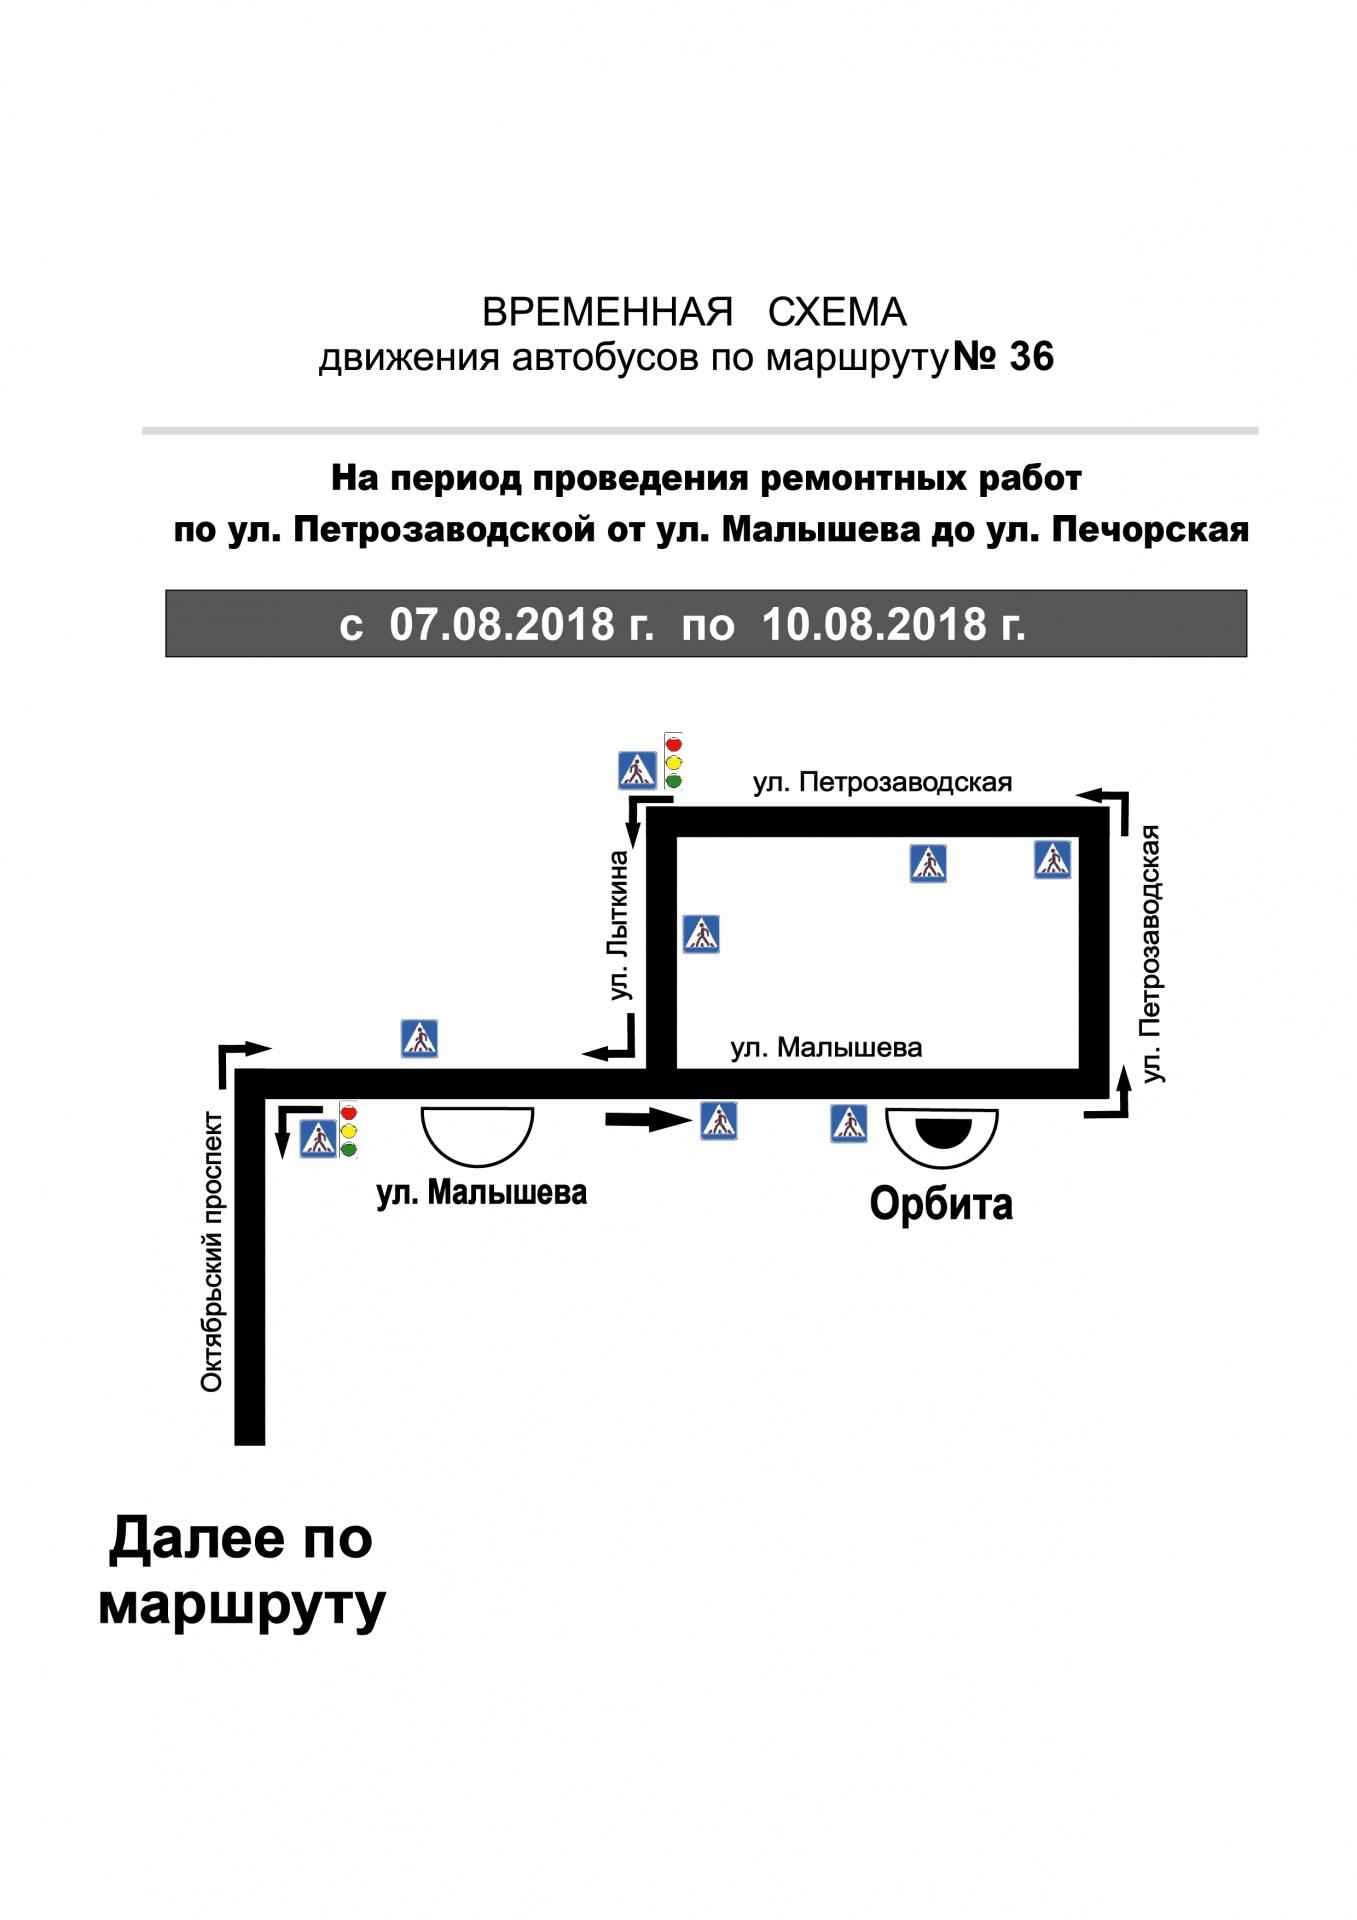 36-01.jpg